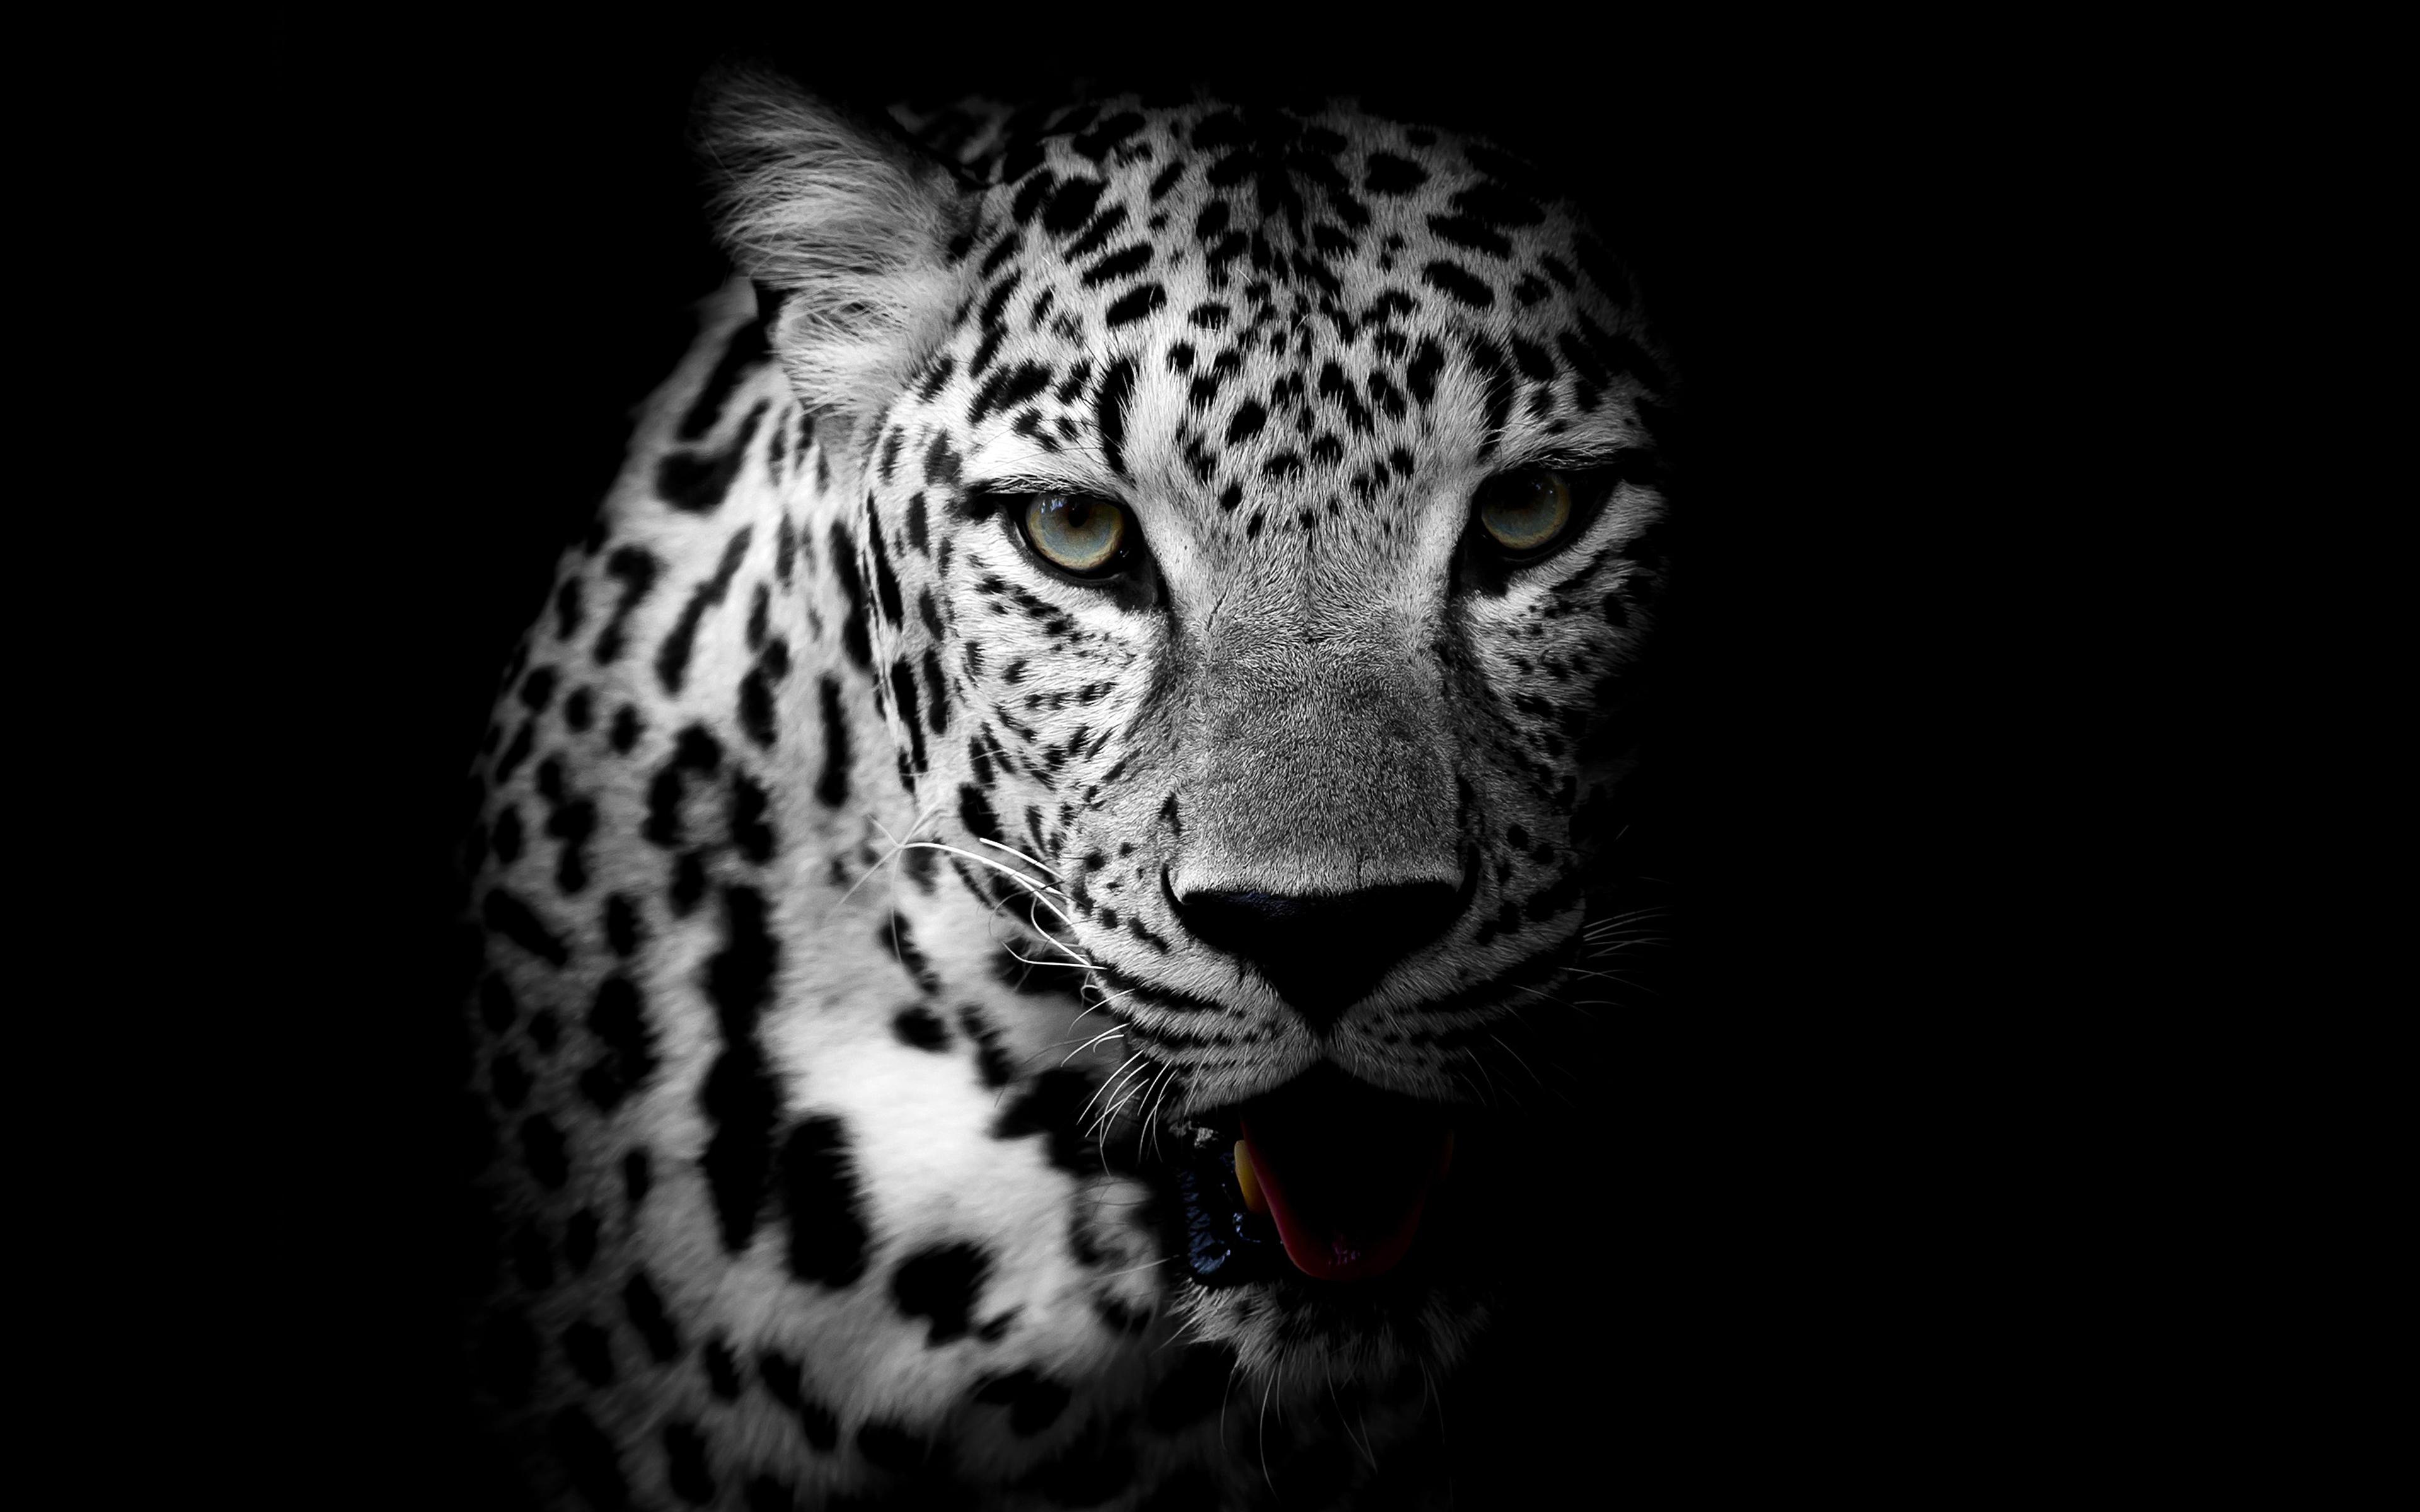 Арт картинки тигра